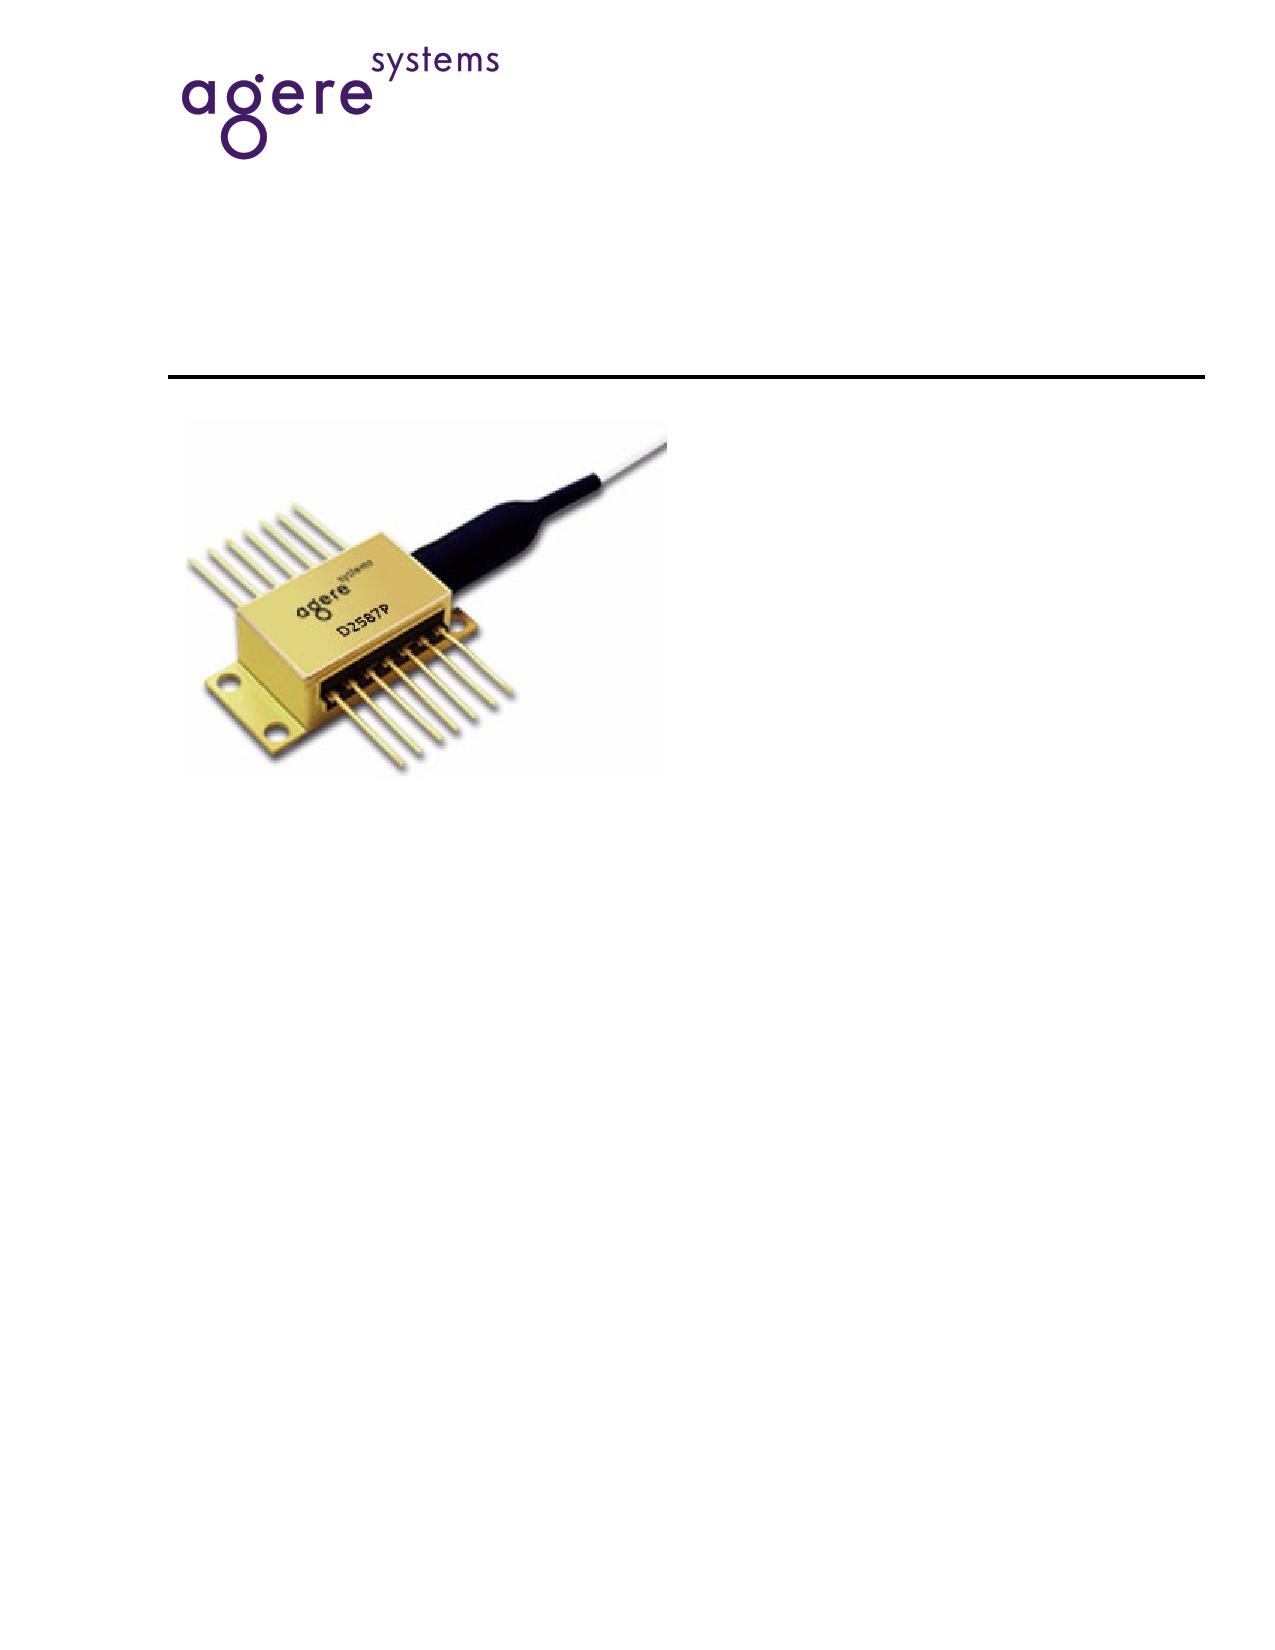 D2587P876 datasheet, circuit